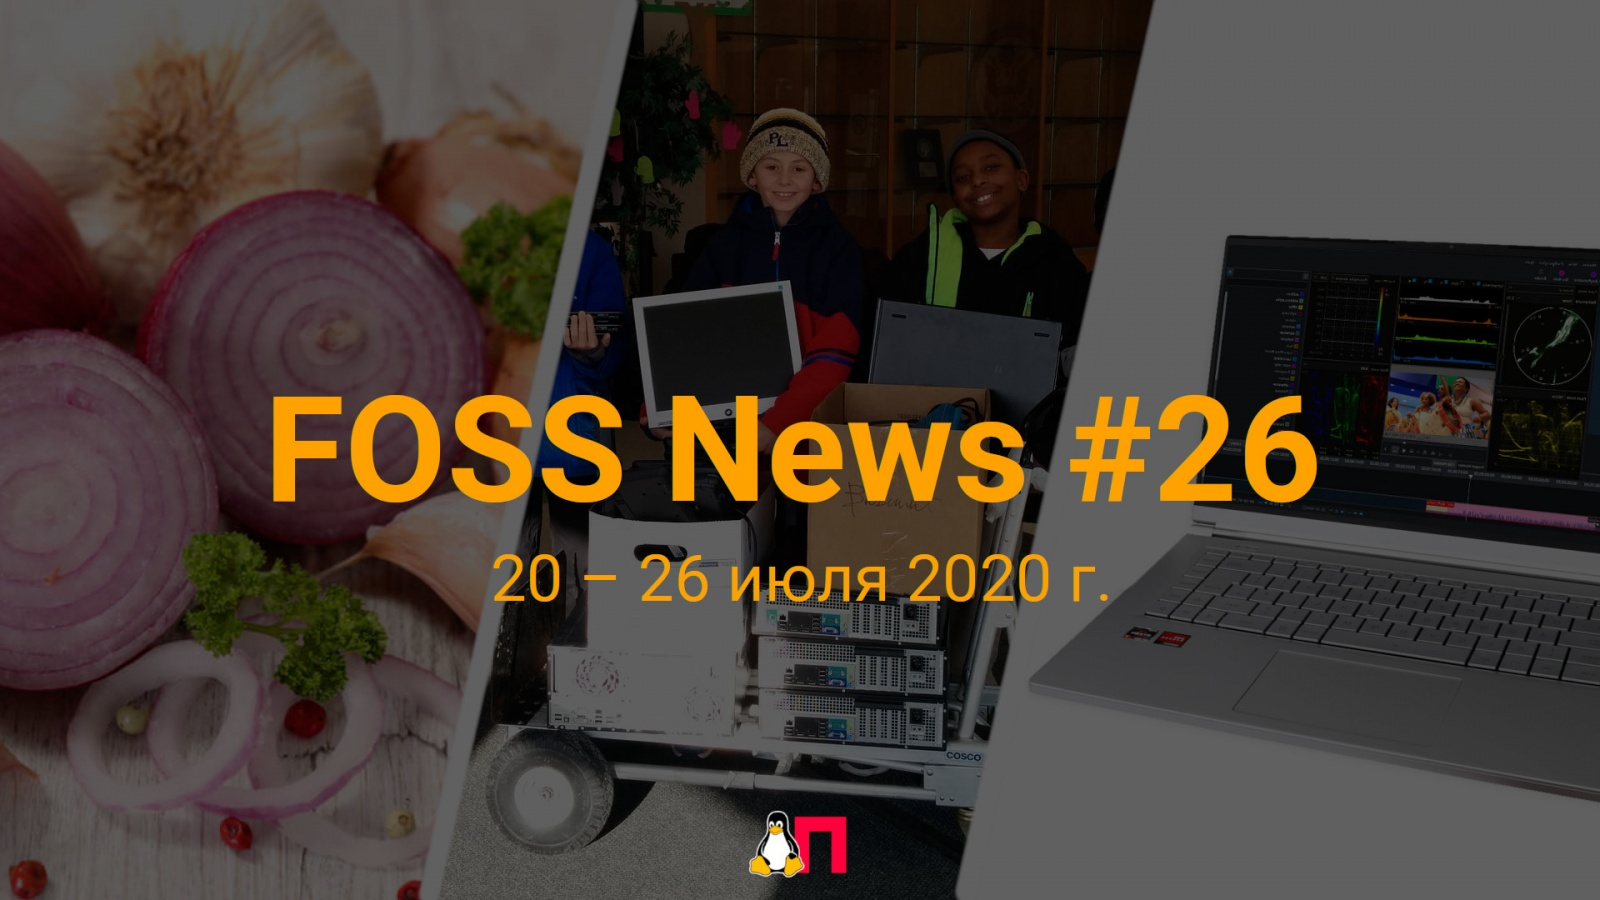 FOSS News №26 – обзор новостей свободного и открытого ПО за 20–26 июля 2020 года - 1